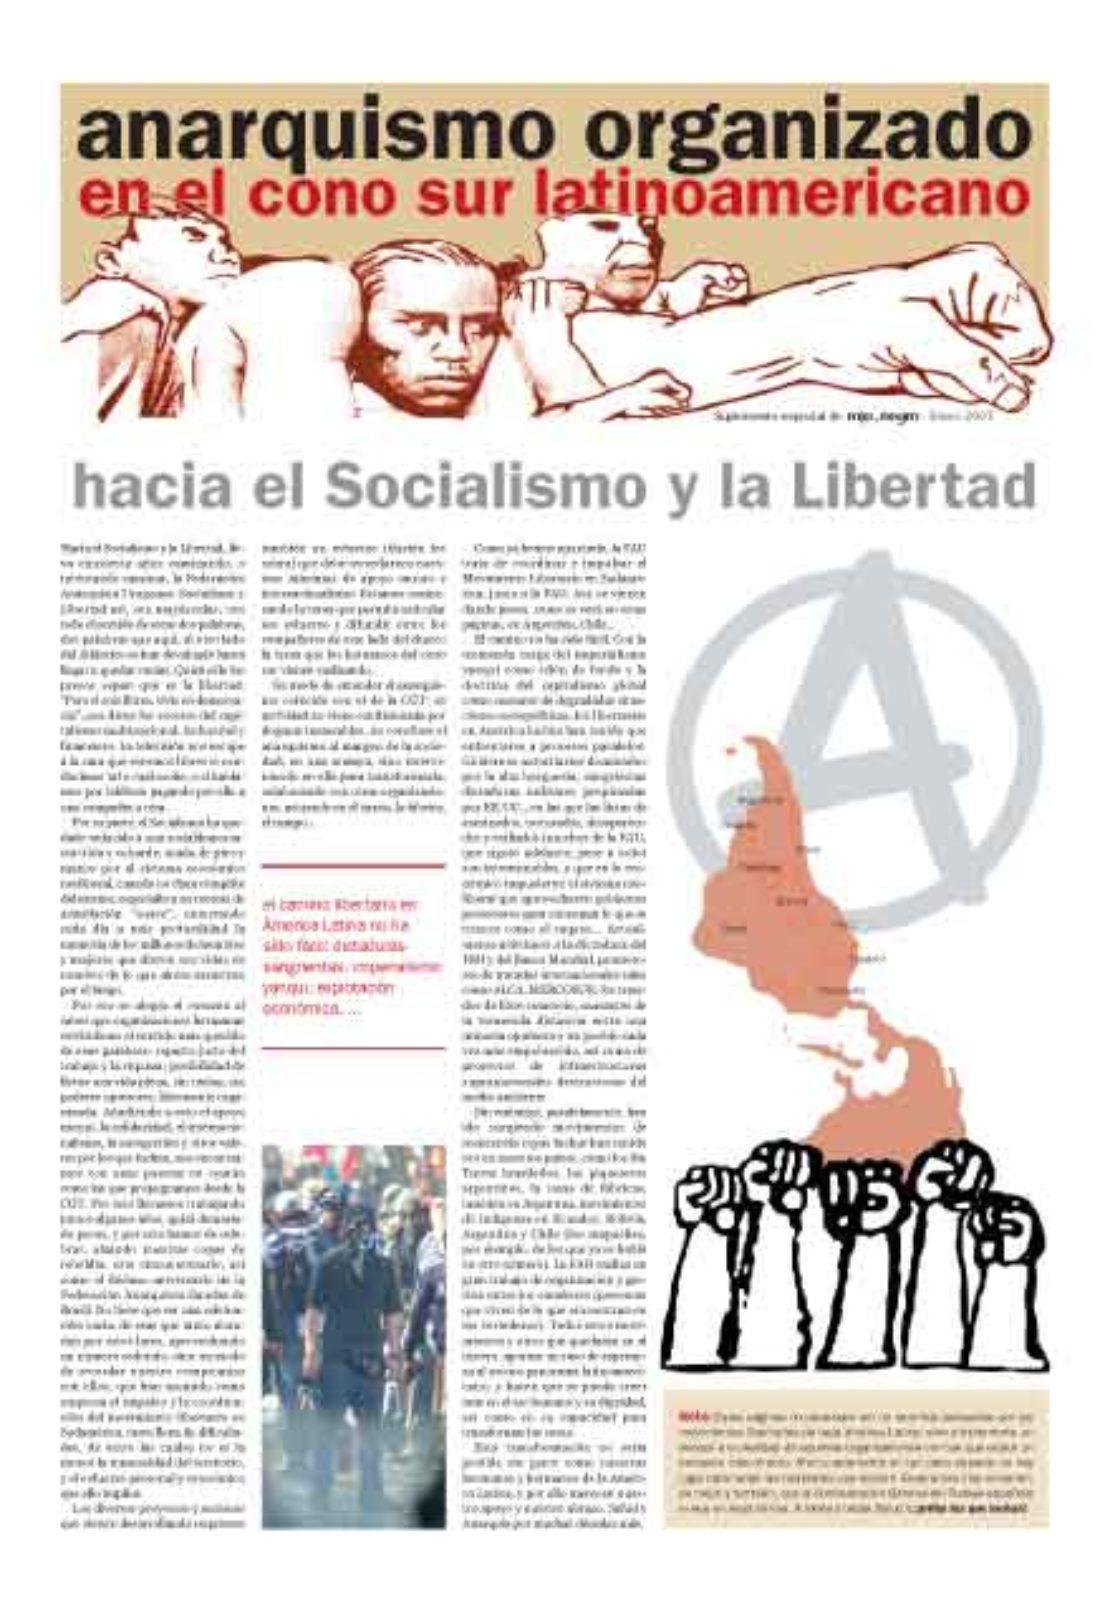 Anarquismo organizado en el Cono Sur latinoamericano